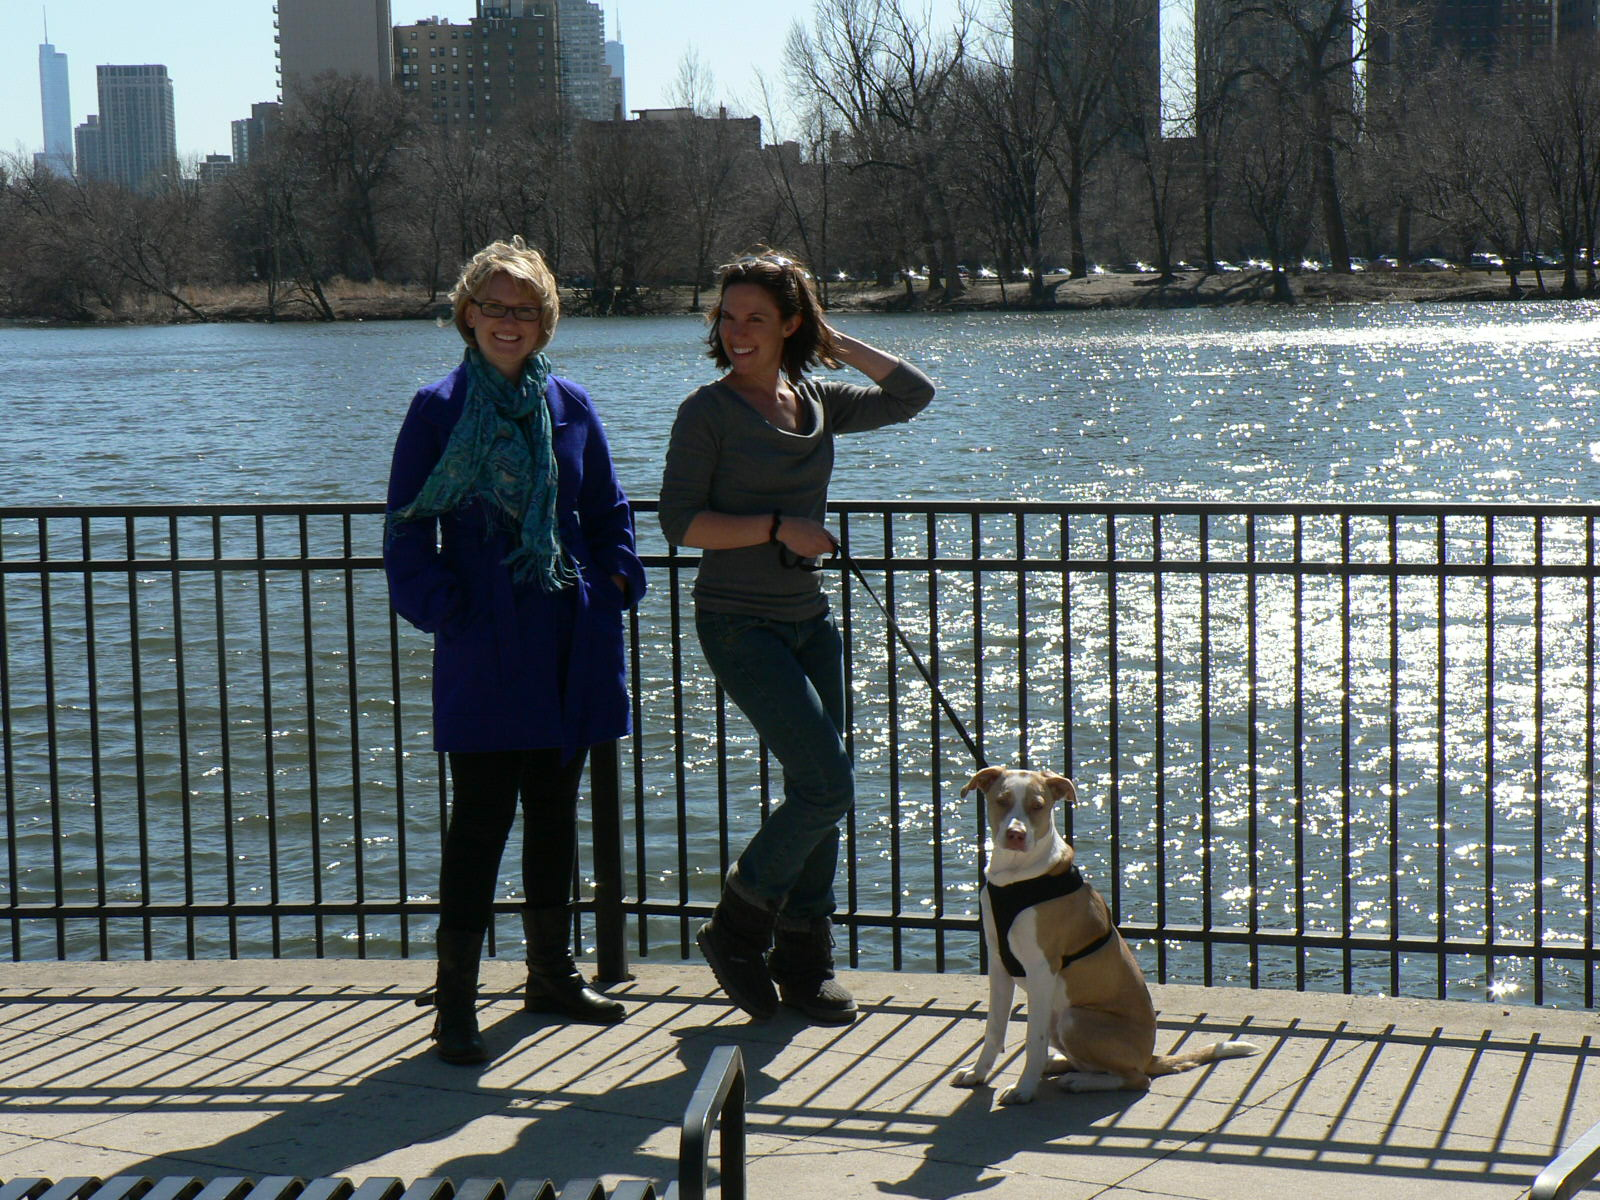 Abra, Karen, and Willie posing